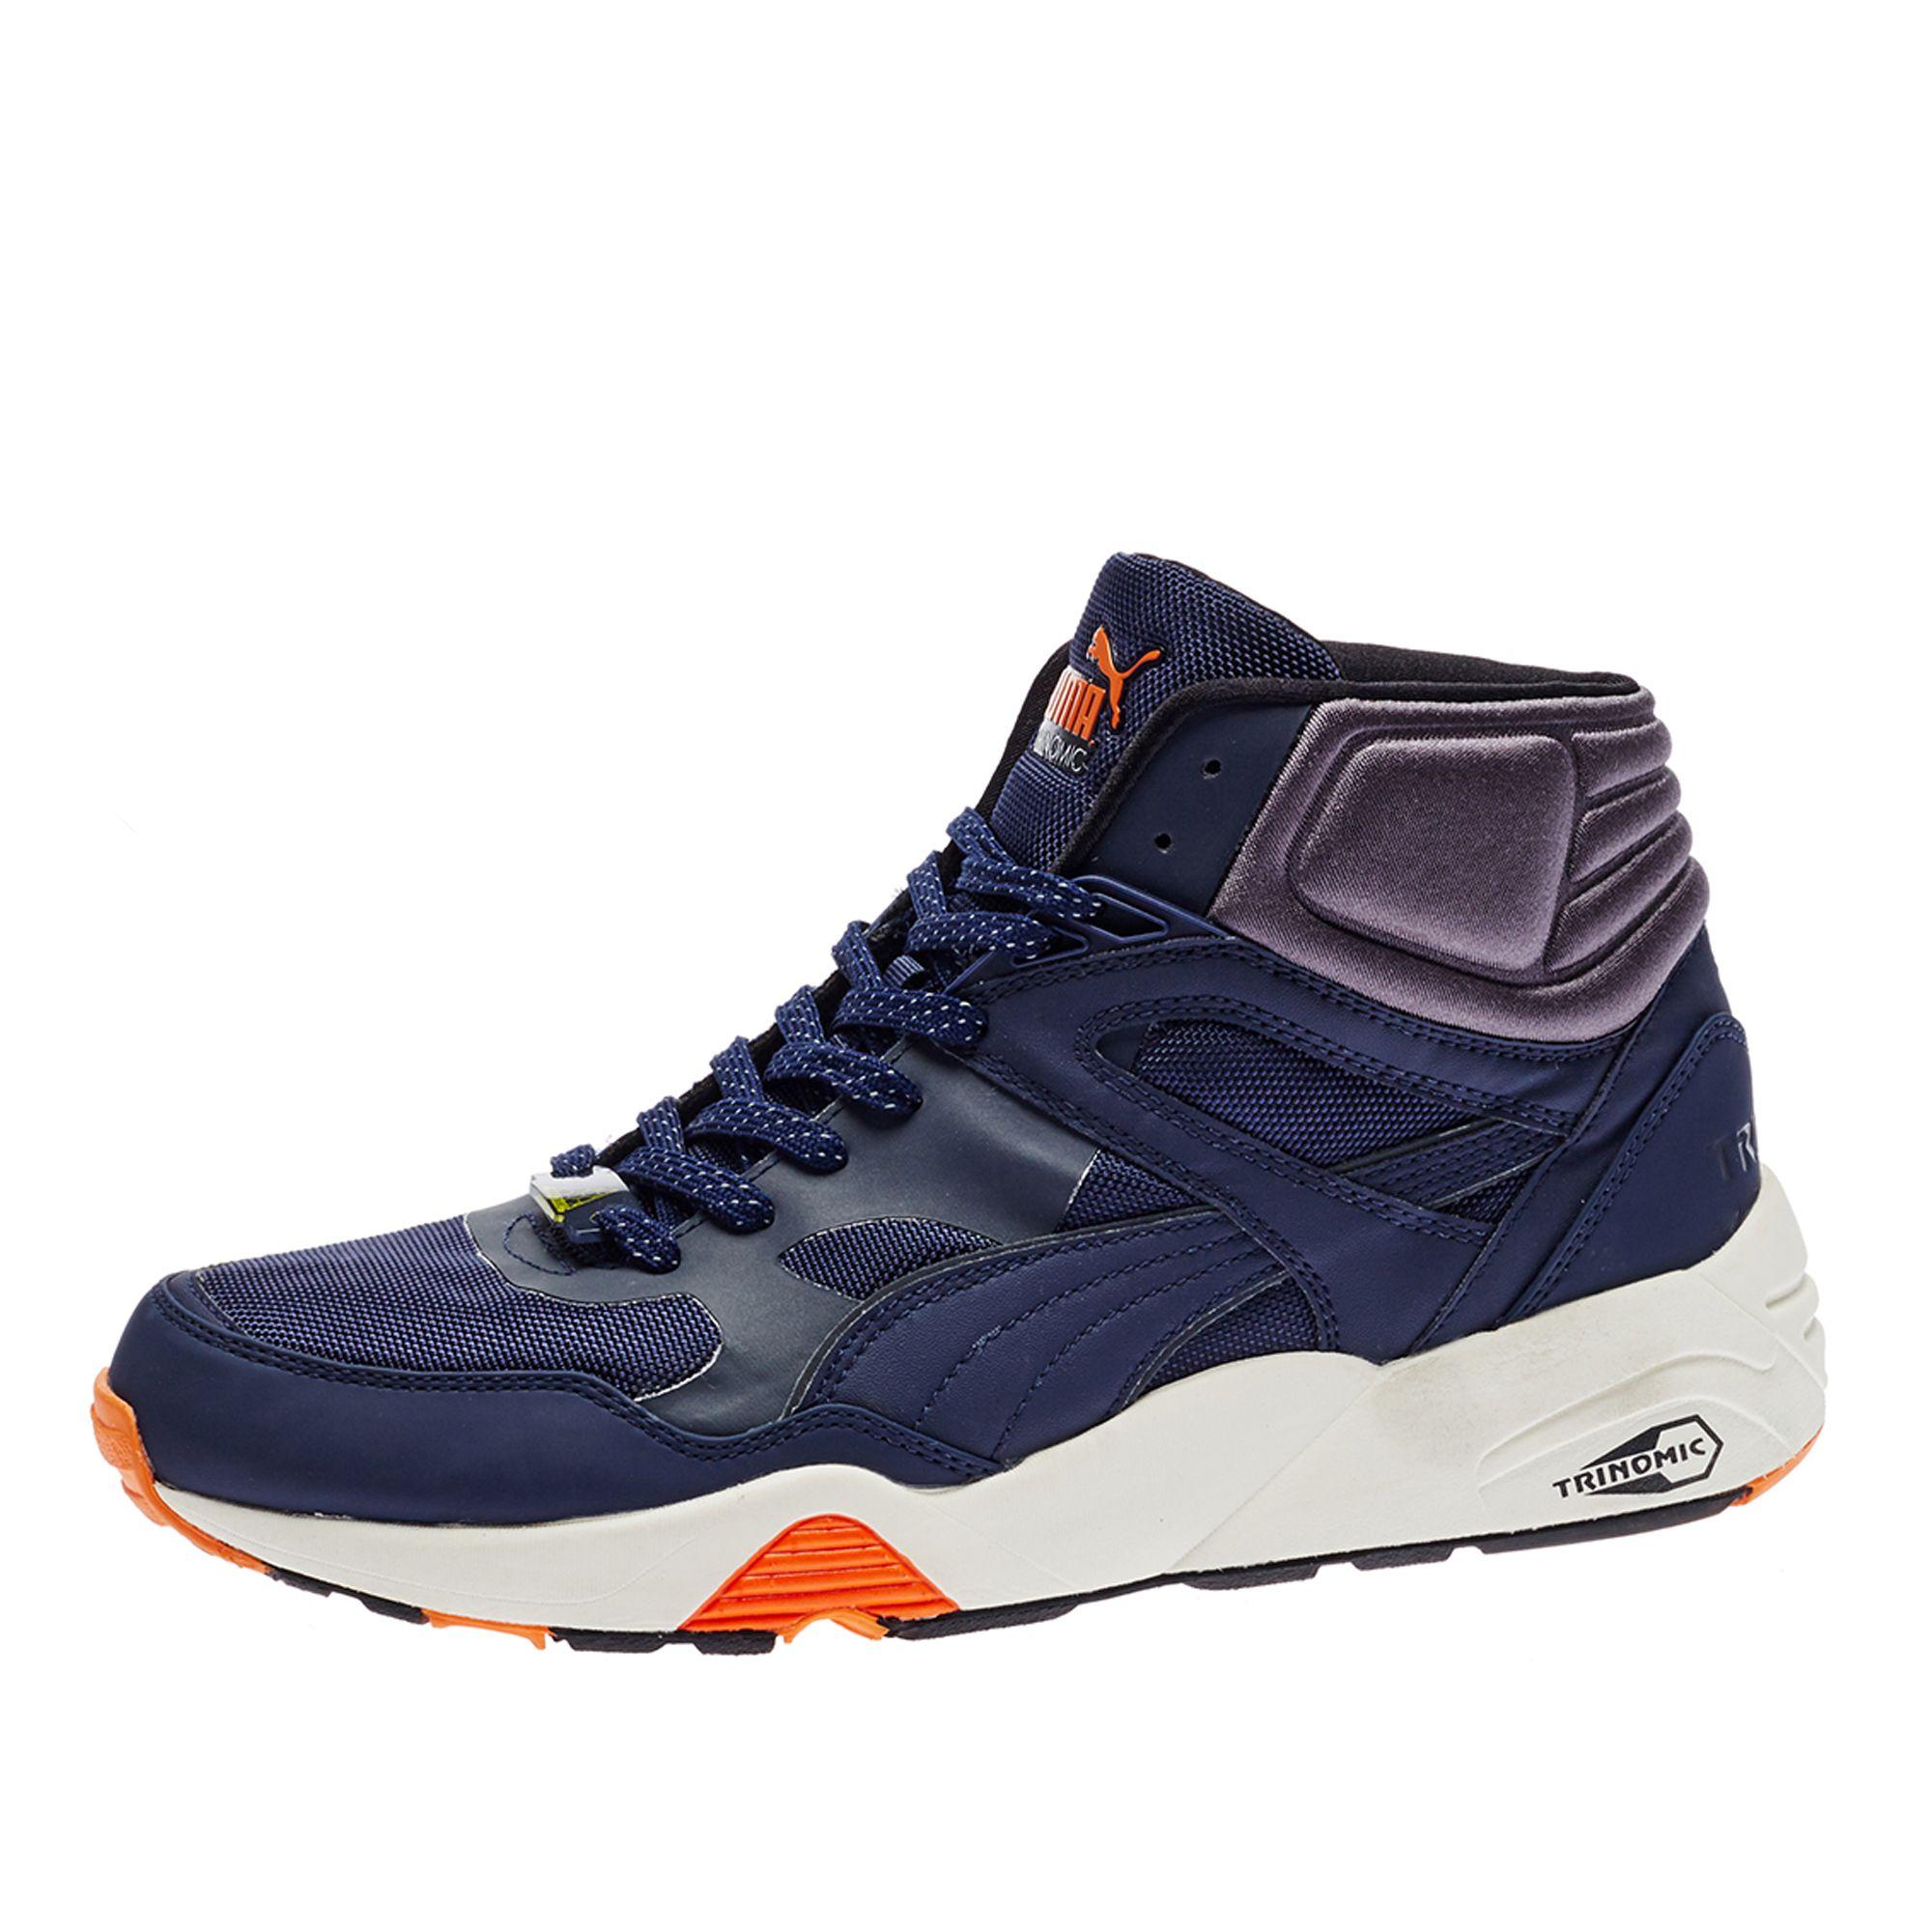 PUMA Trinomic R698 Winter High-Tops Schuhe Sneakers Sport ...